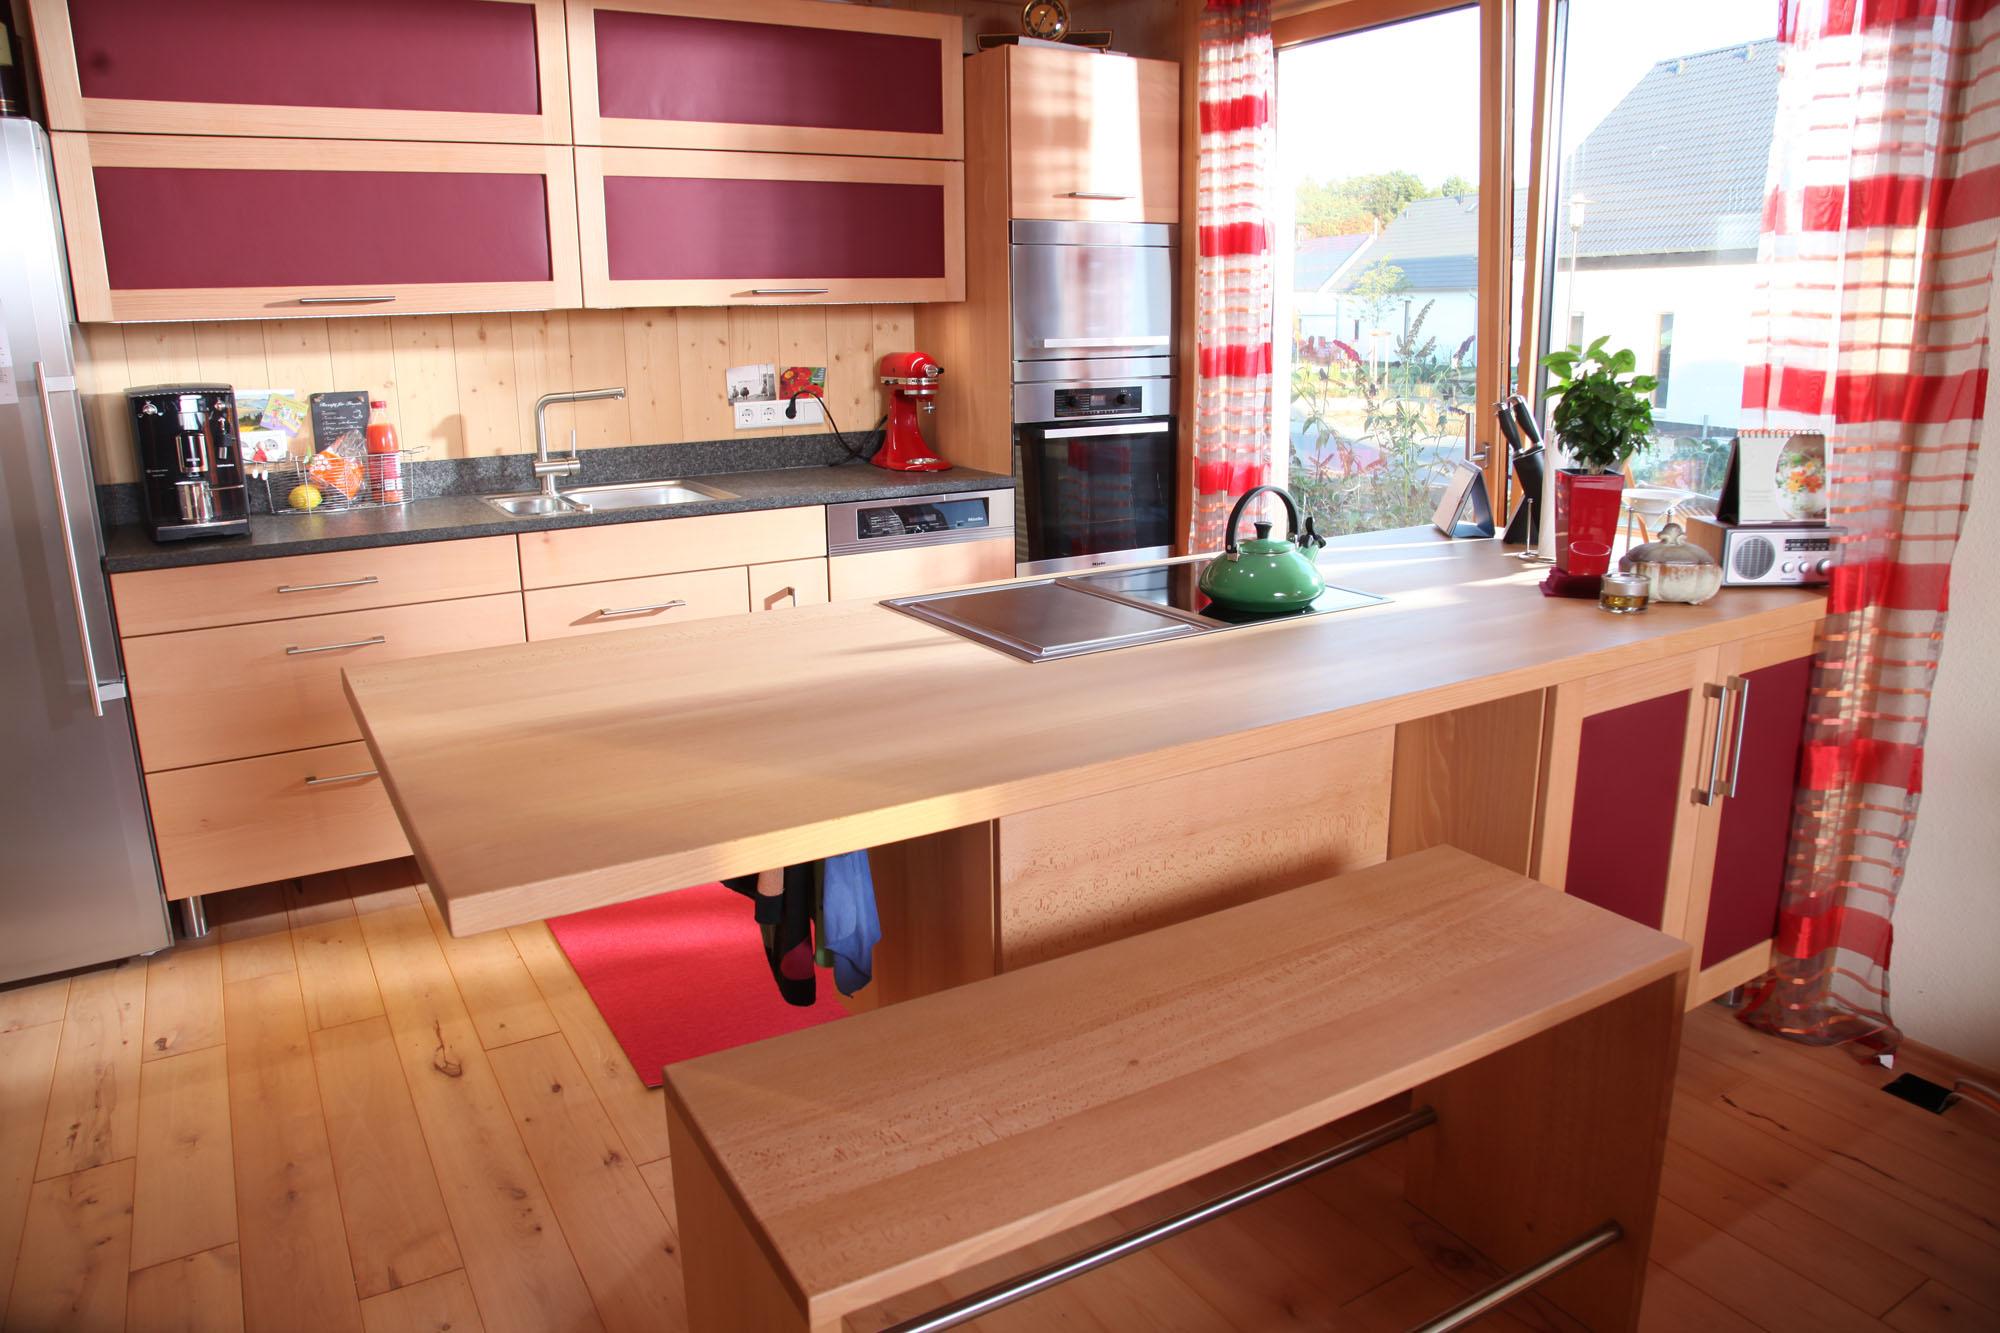 massivholzk chen der m belmacher 2015 die m belmacher. Black Bedroom Furniture Sets. Home Design Ideas